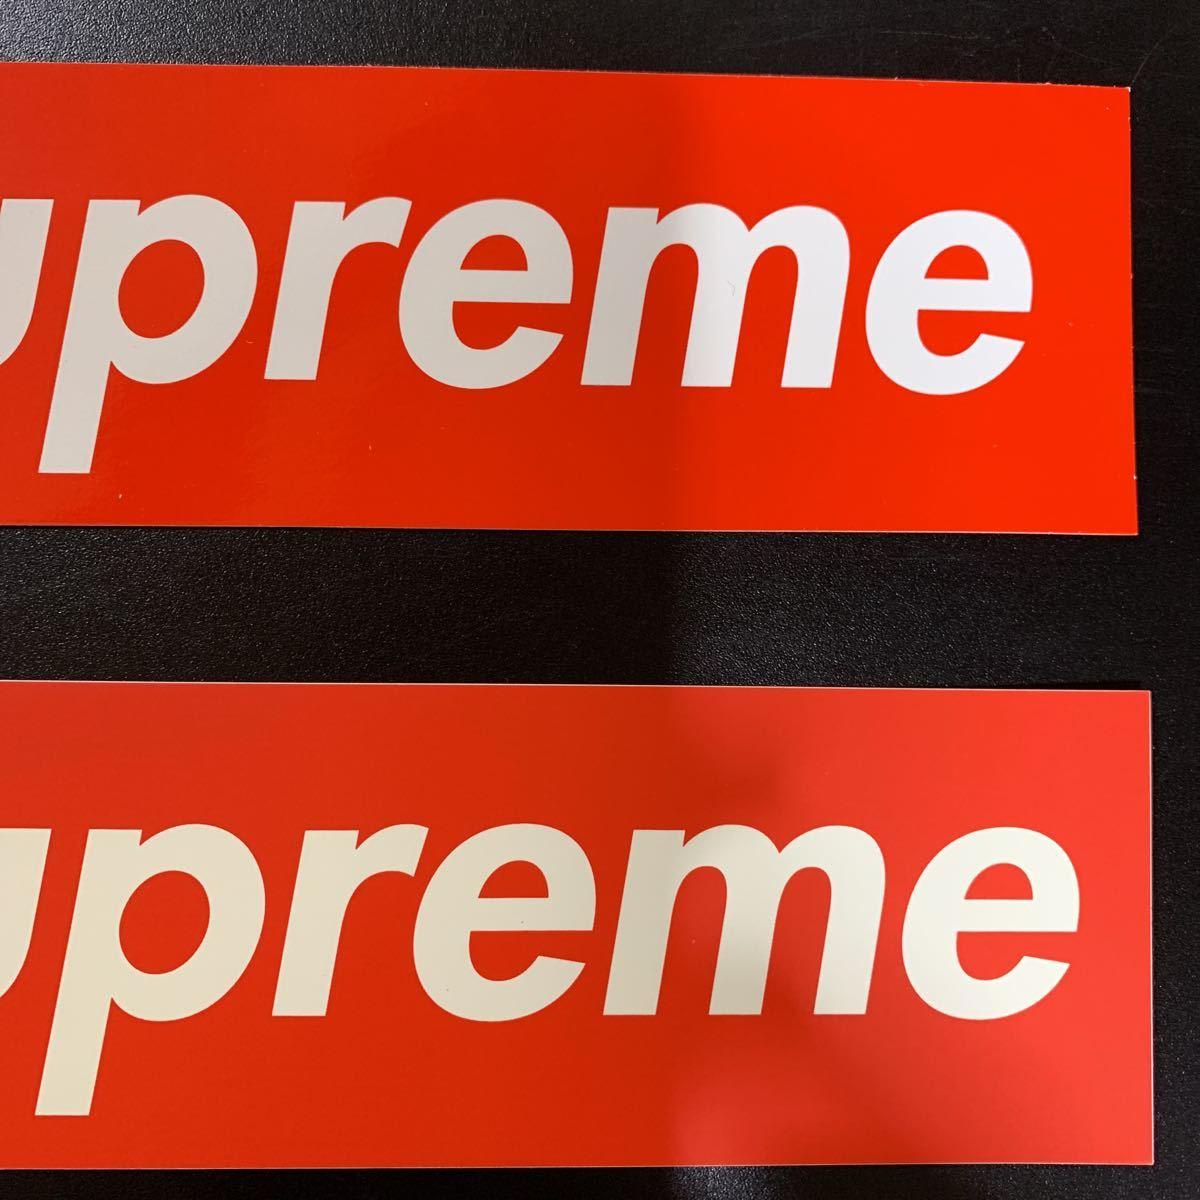 【正規品・新品未使用品】《送料370円》SUPREME 新旧 BOX Logo 2枚セットシュプリーム ボックスロゴ ステッカー _画像3